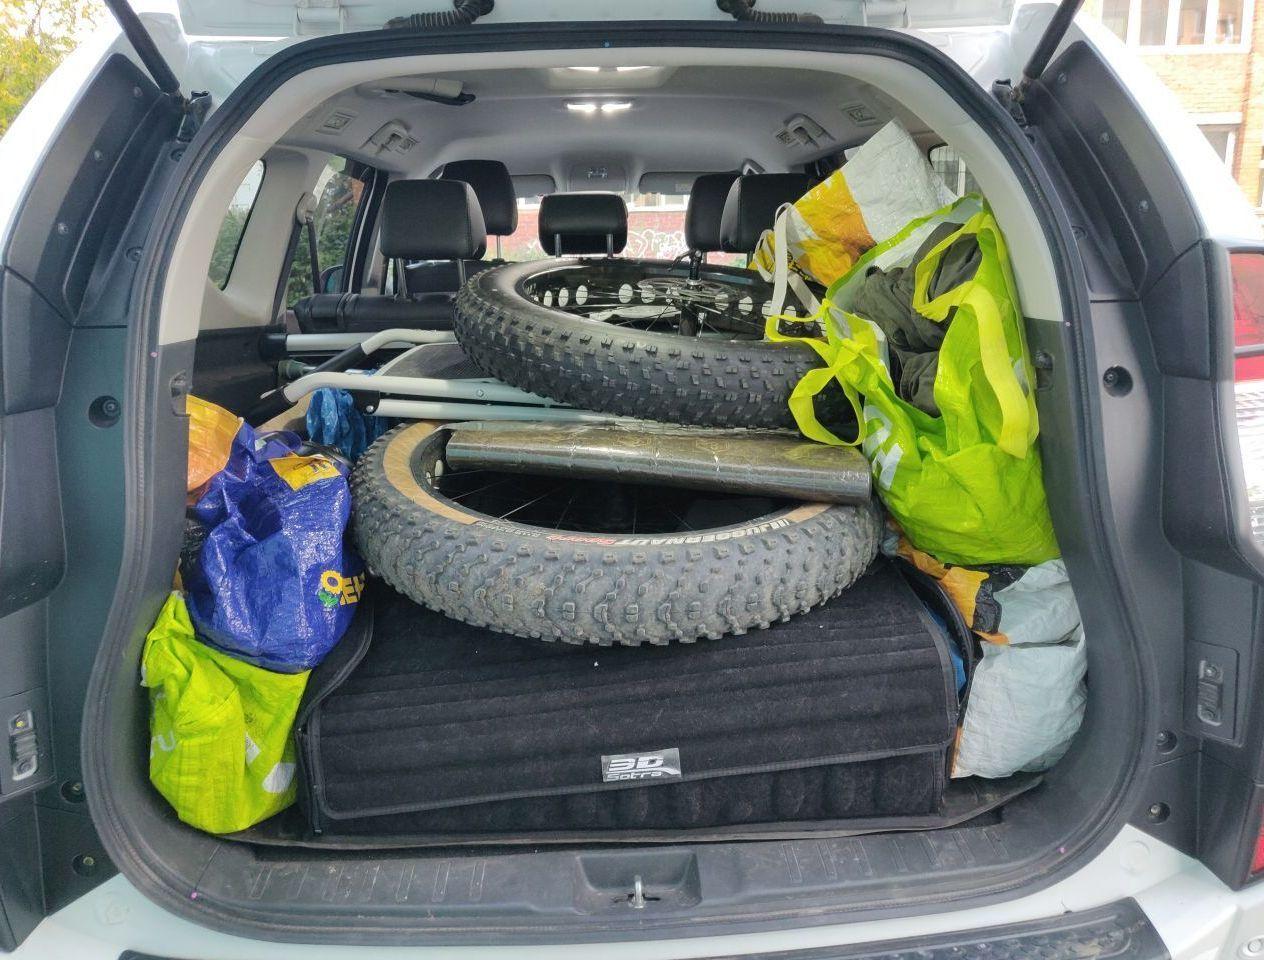 Велы наверху, передние колеса и стремянка в багажнике.